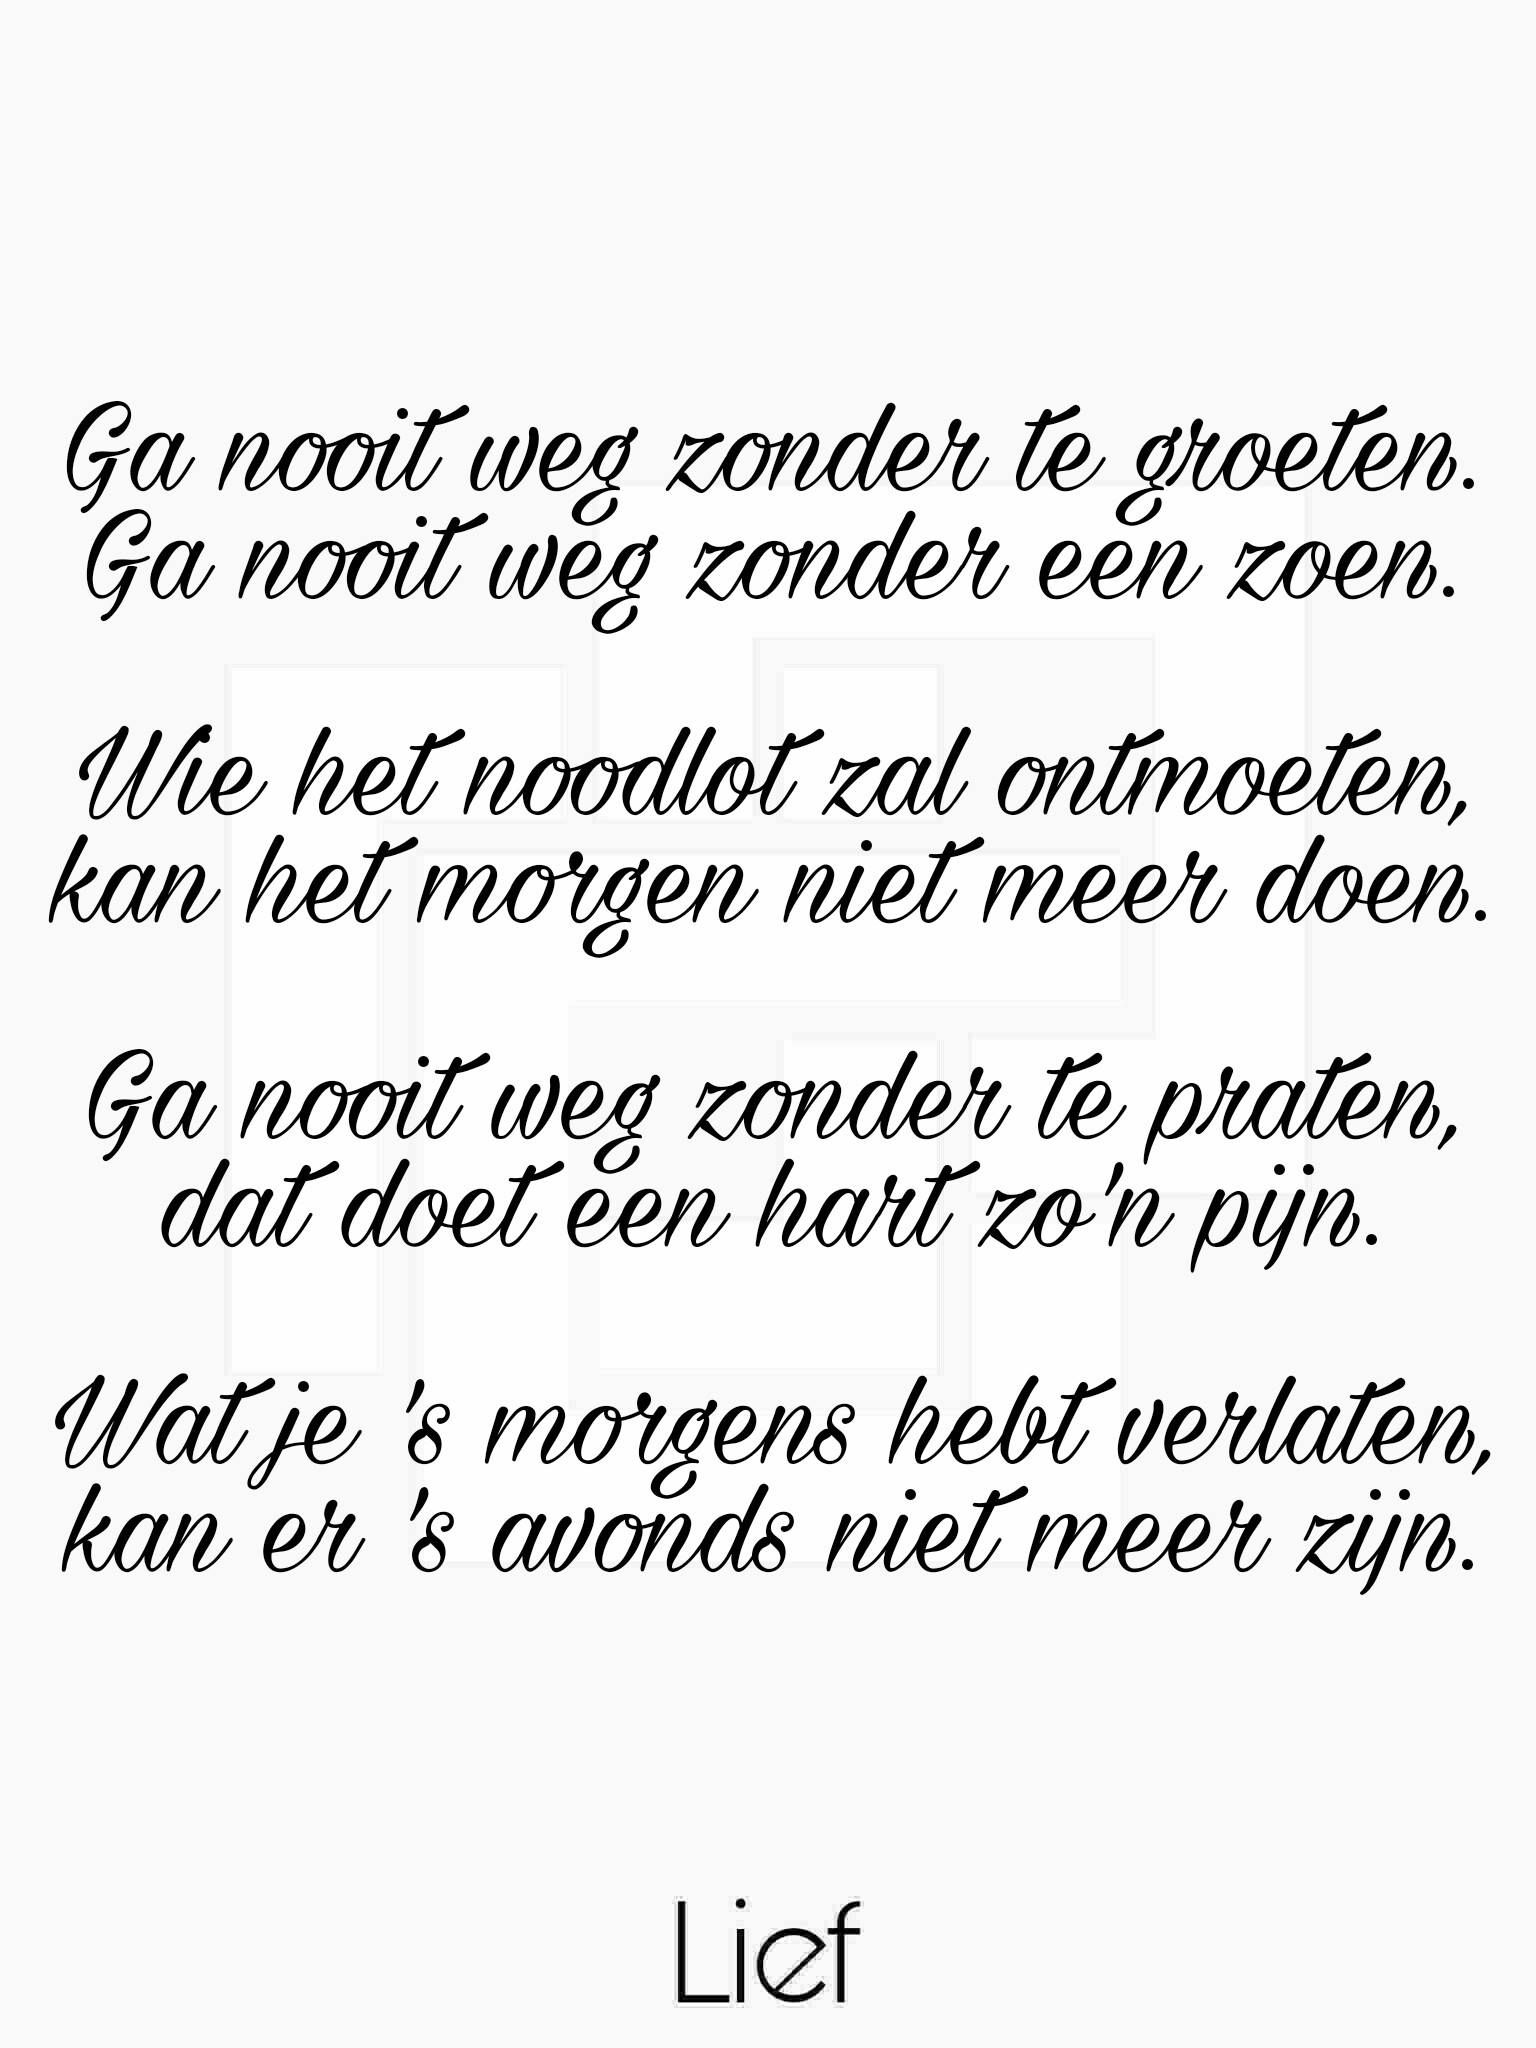 Pin Van Demi Vos Op Quotess Spreuken Citaten En Mooie Woorden